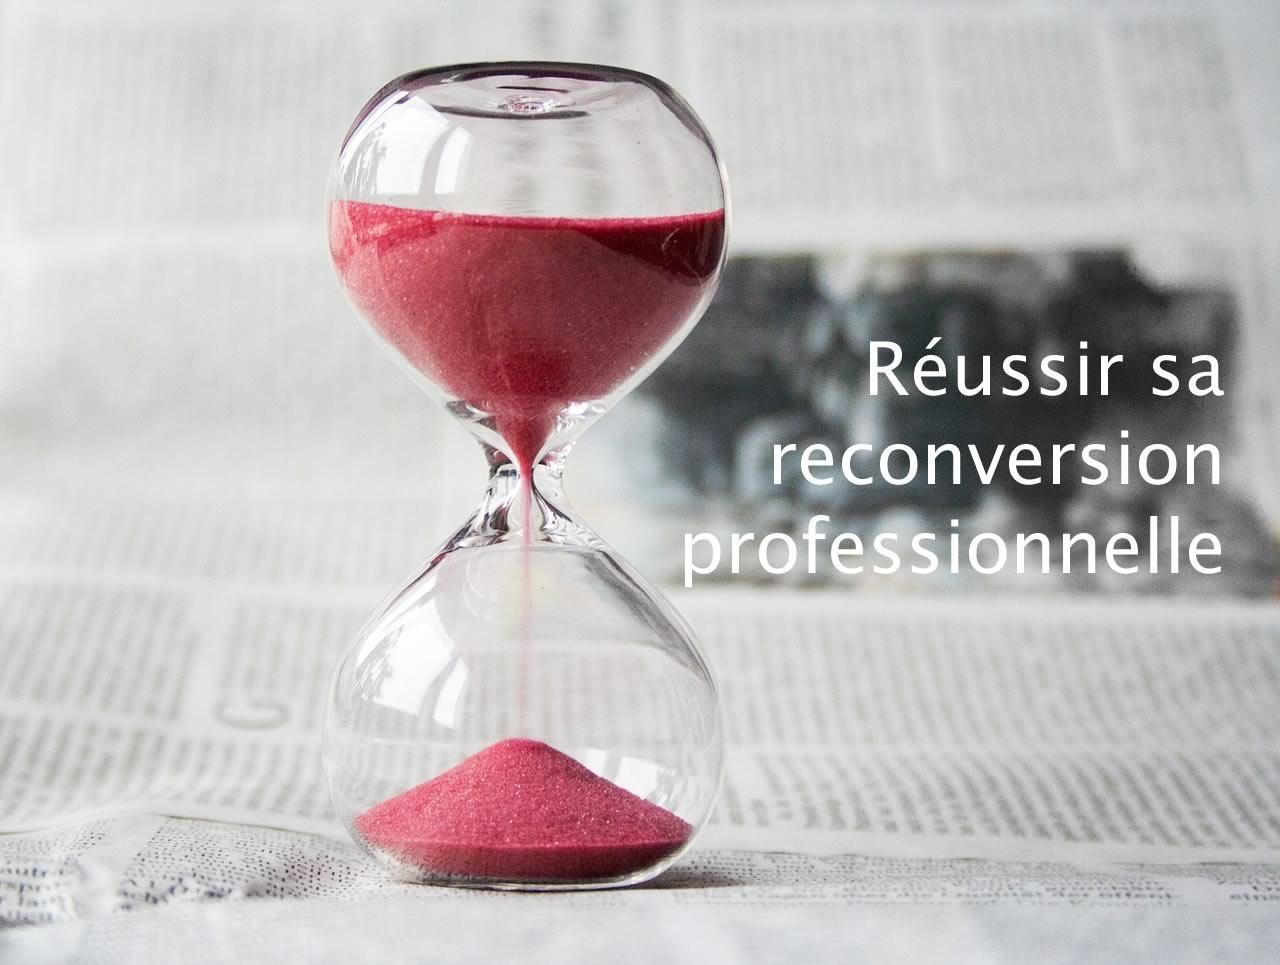 Le temps passe : il est peut-être temps de changer de métier et penser à une reconversion professionnelle ?